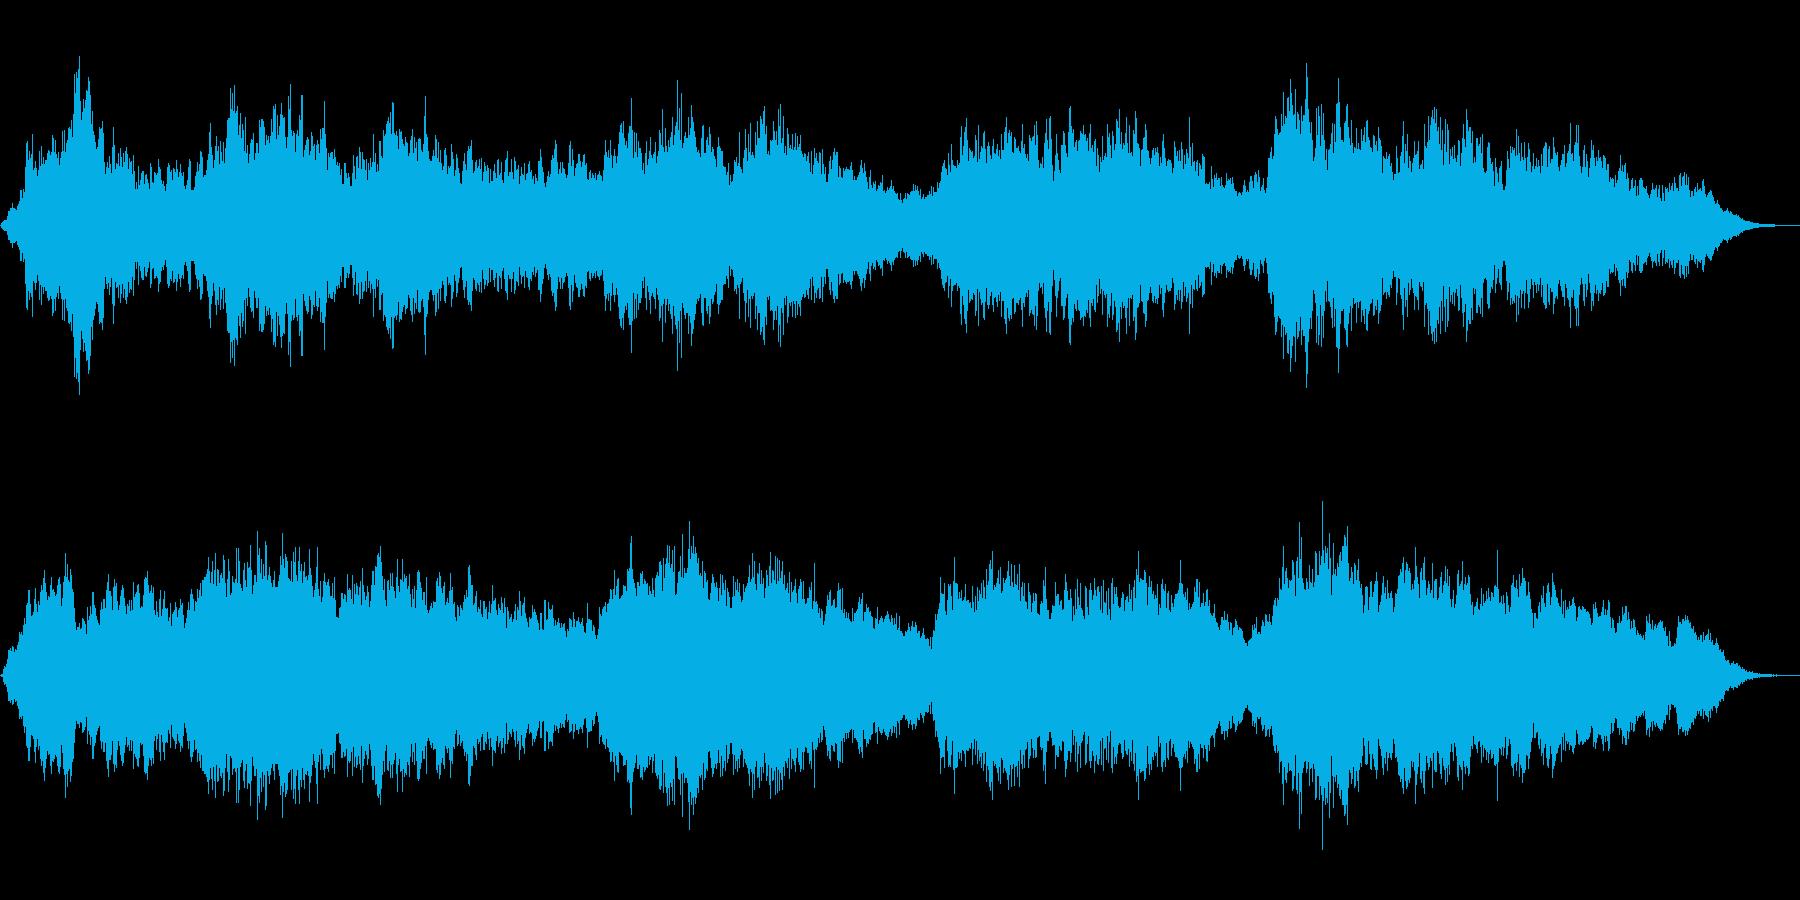 エスノムード満載アンビエントな笛の音楽の再生済みの波形